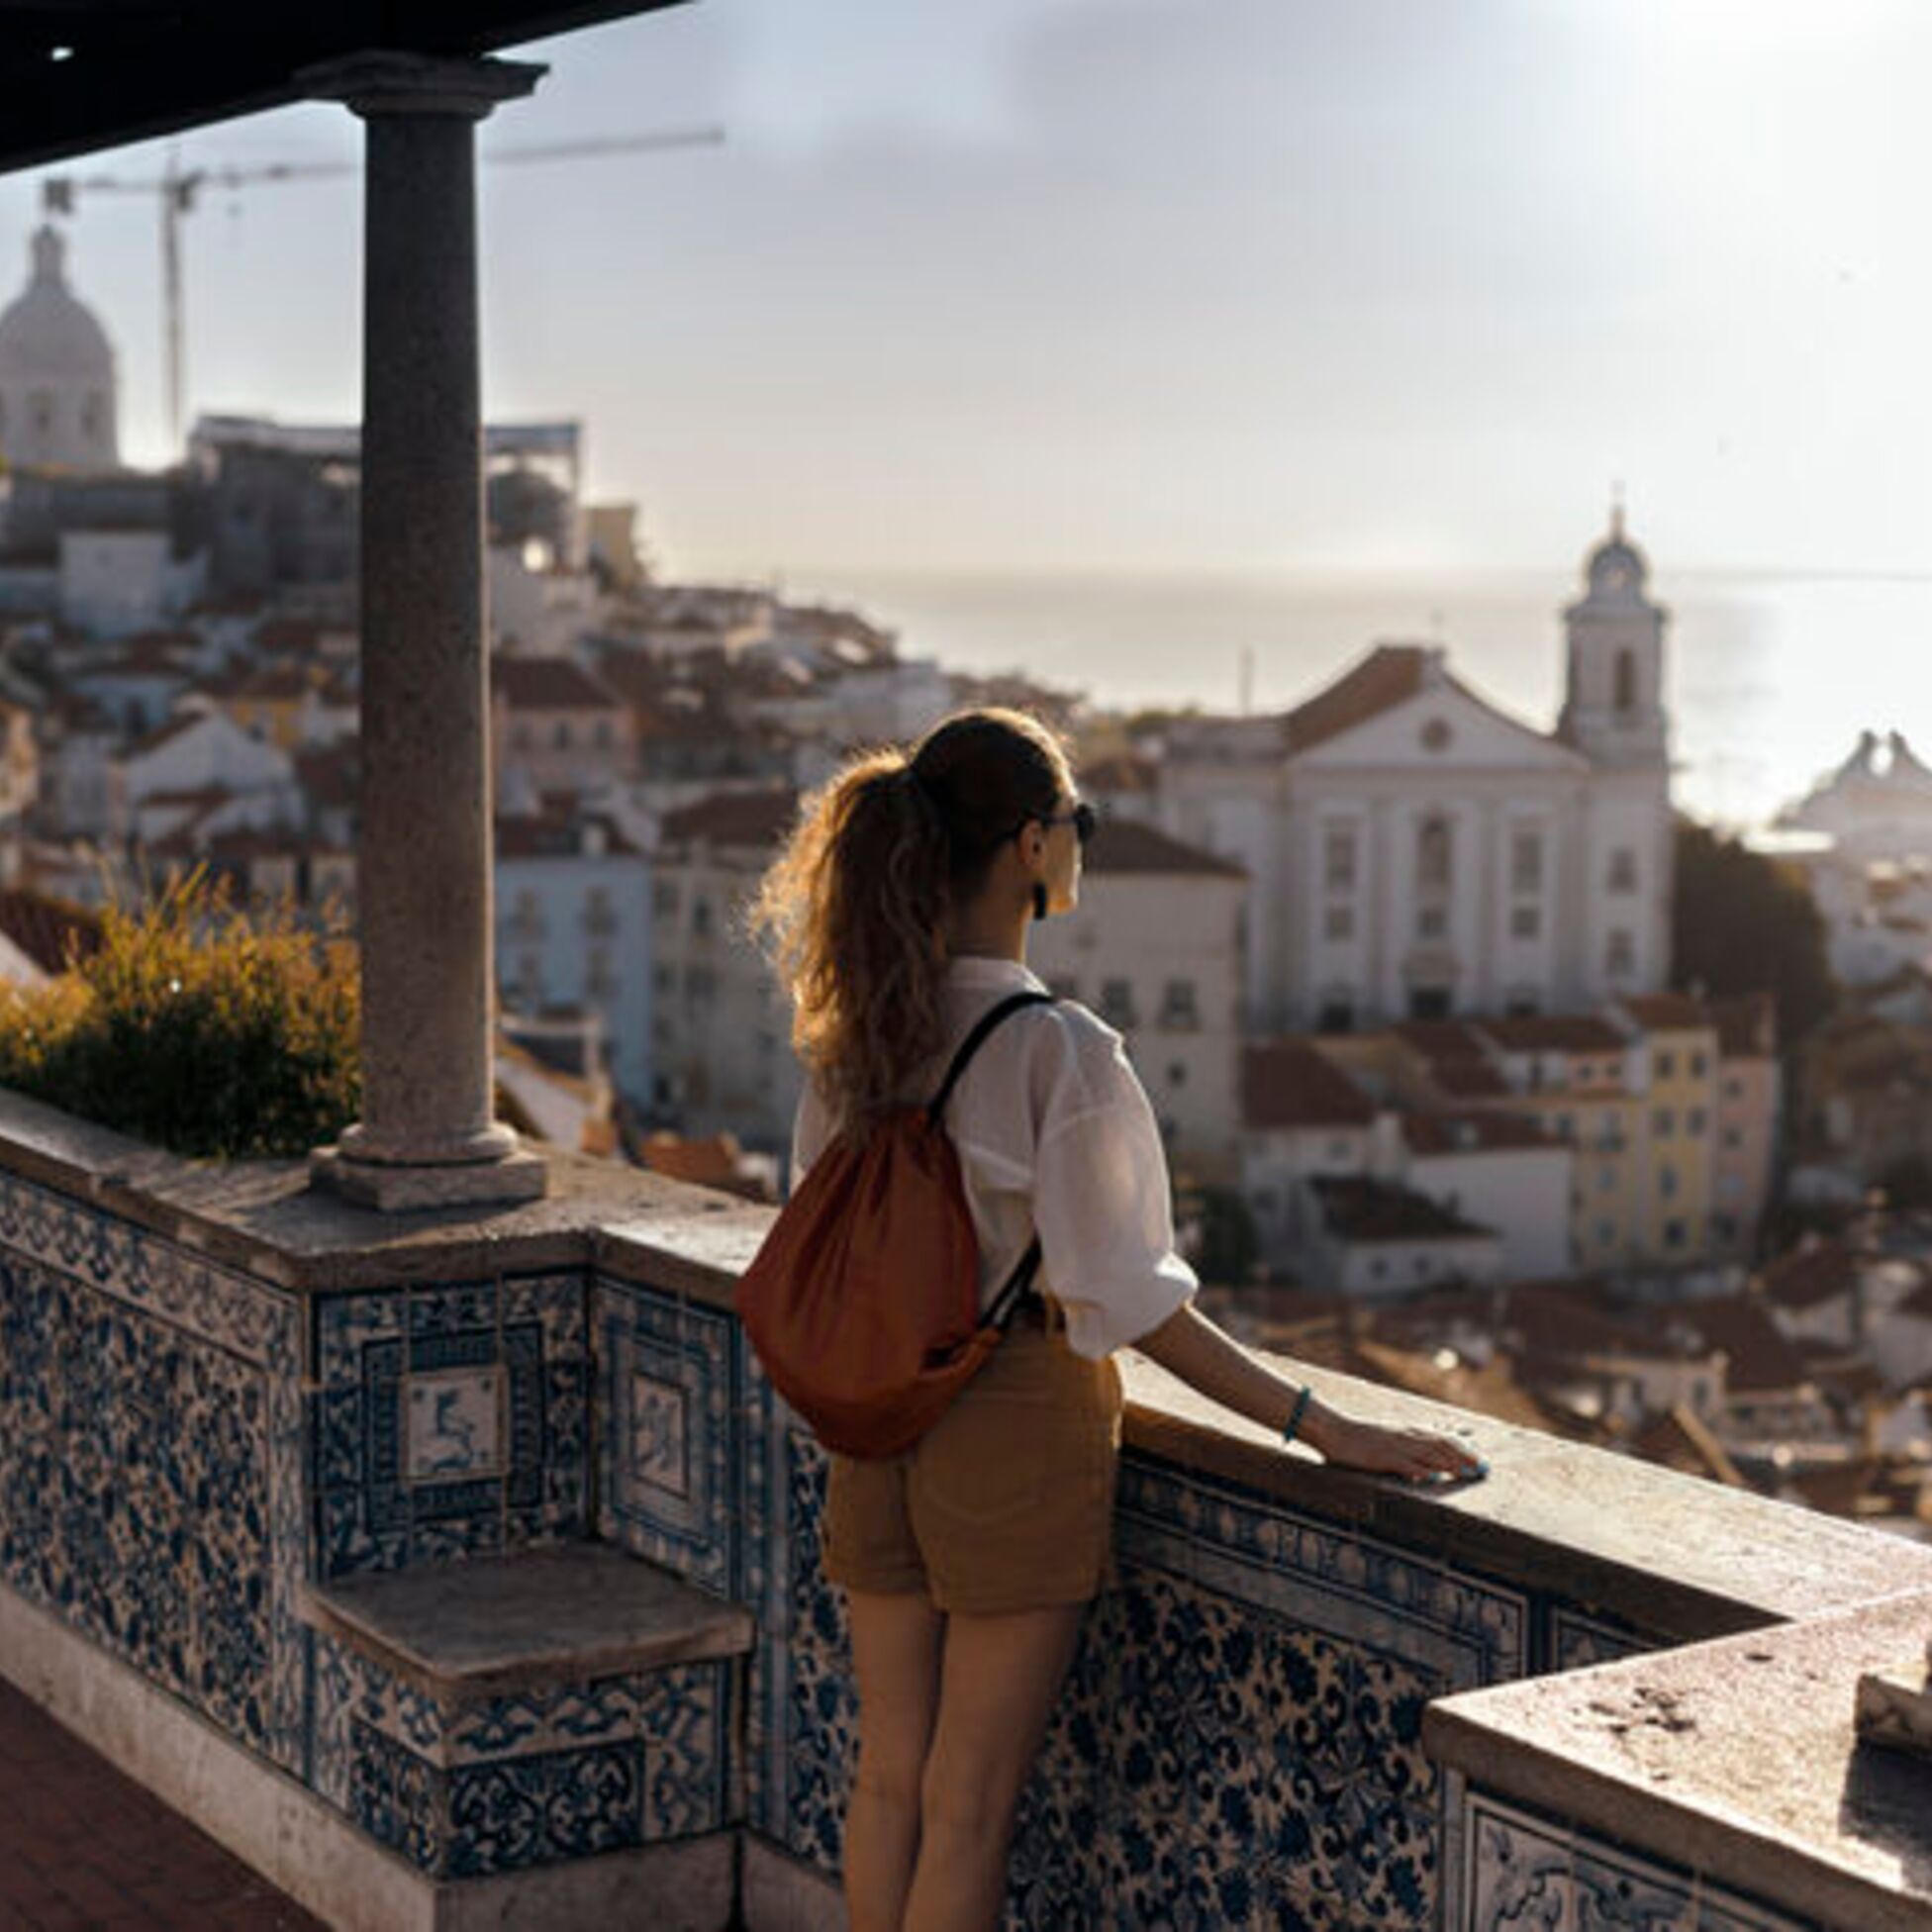 Frau überblickt Stadt am Meer.